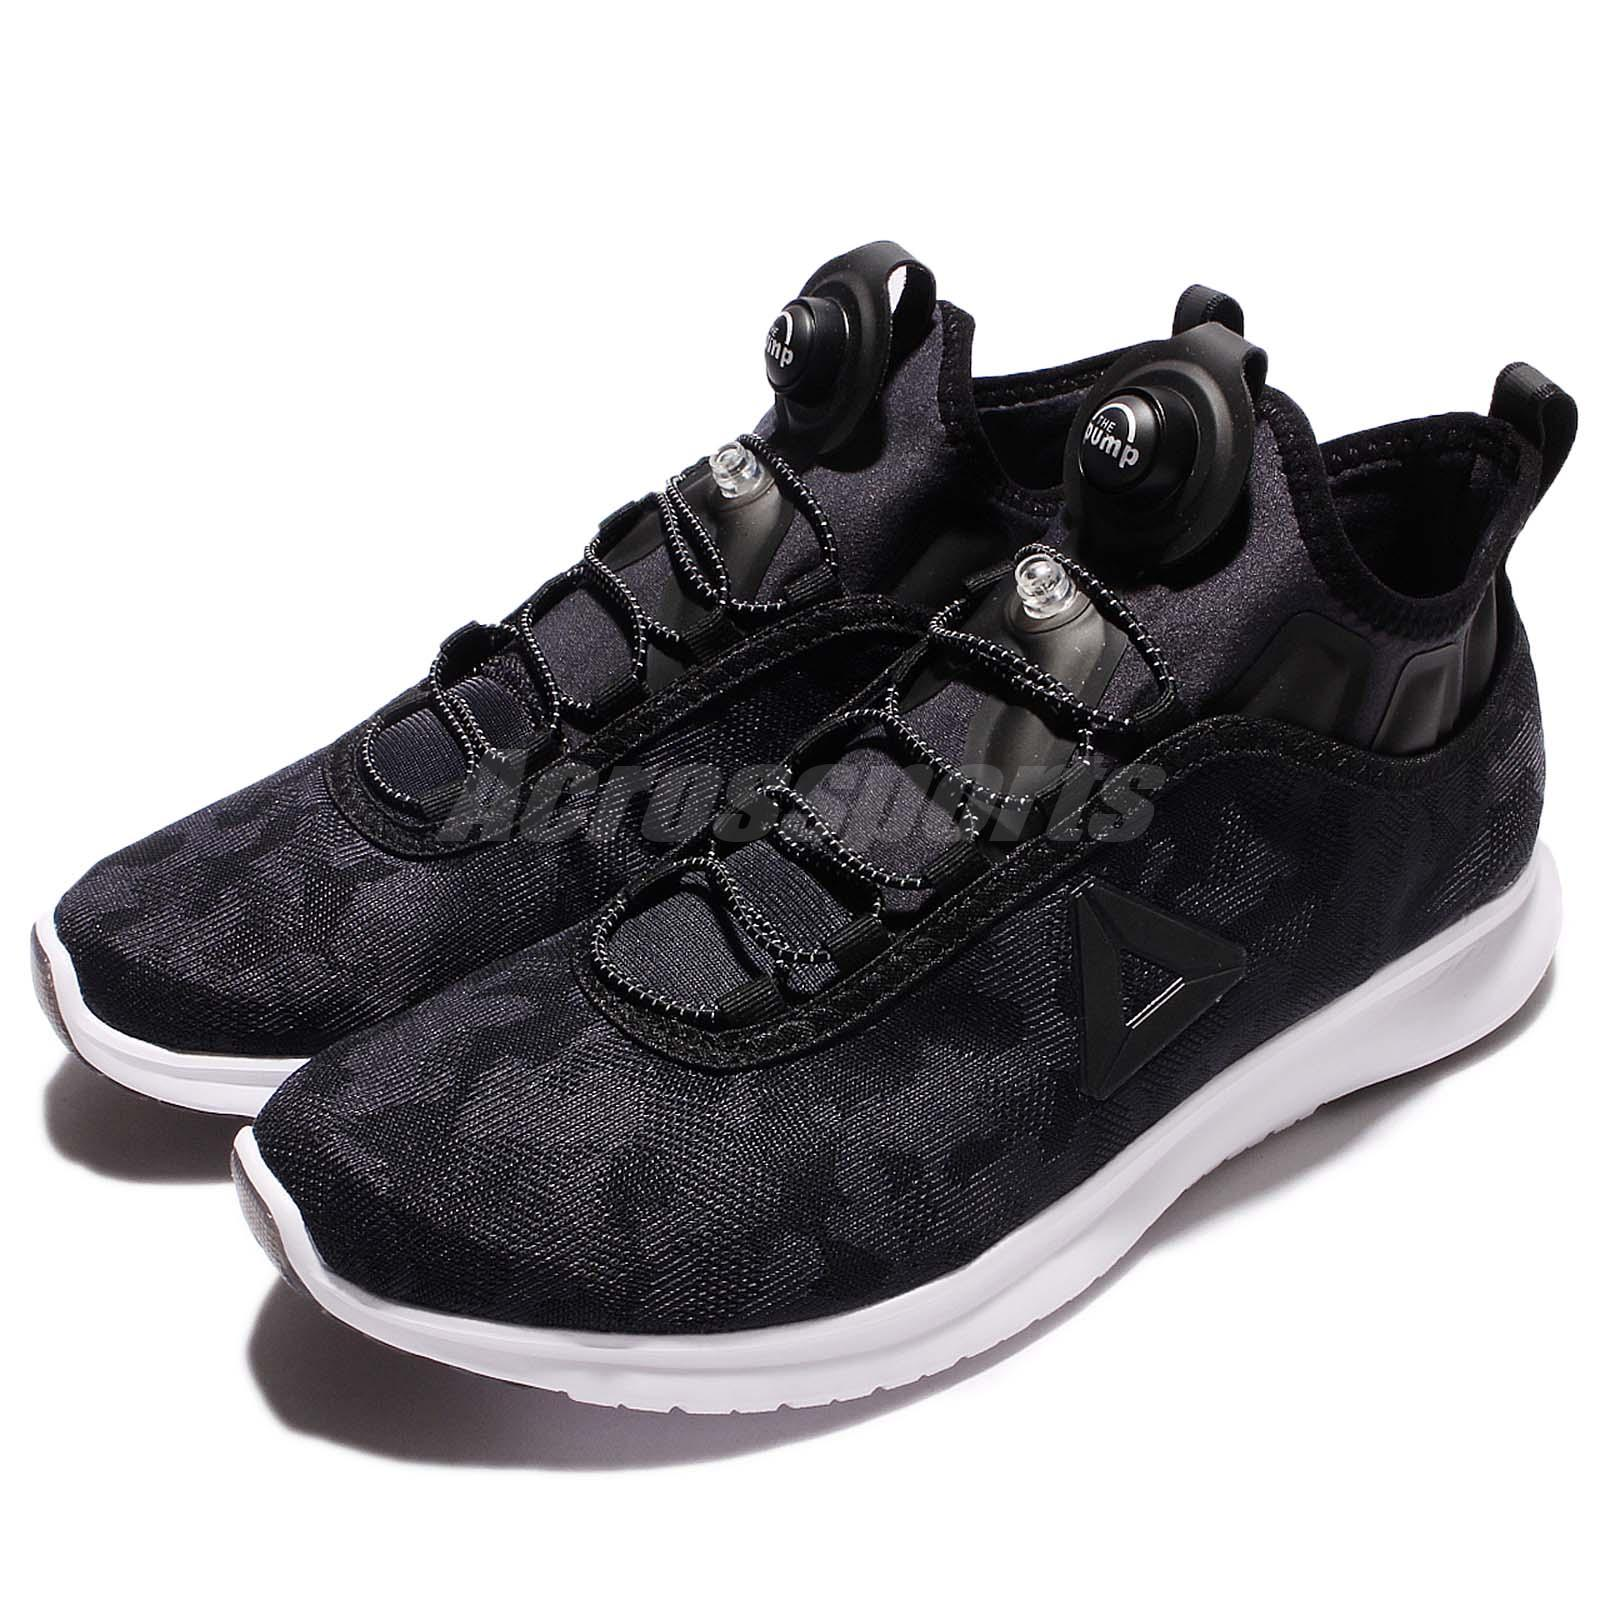 reebok pump running shoes